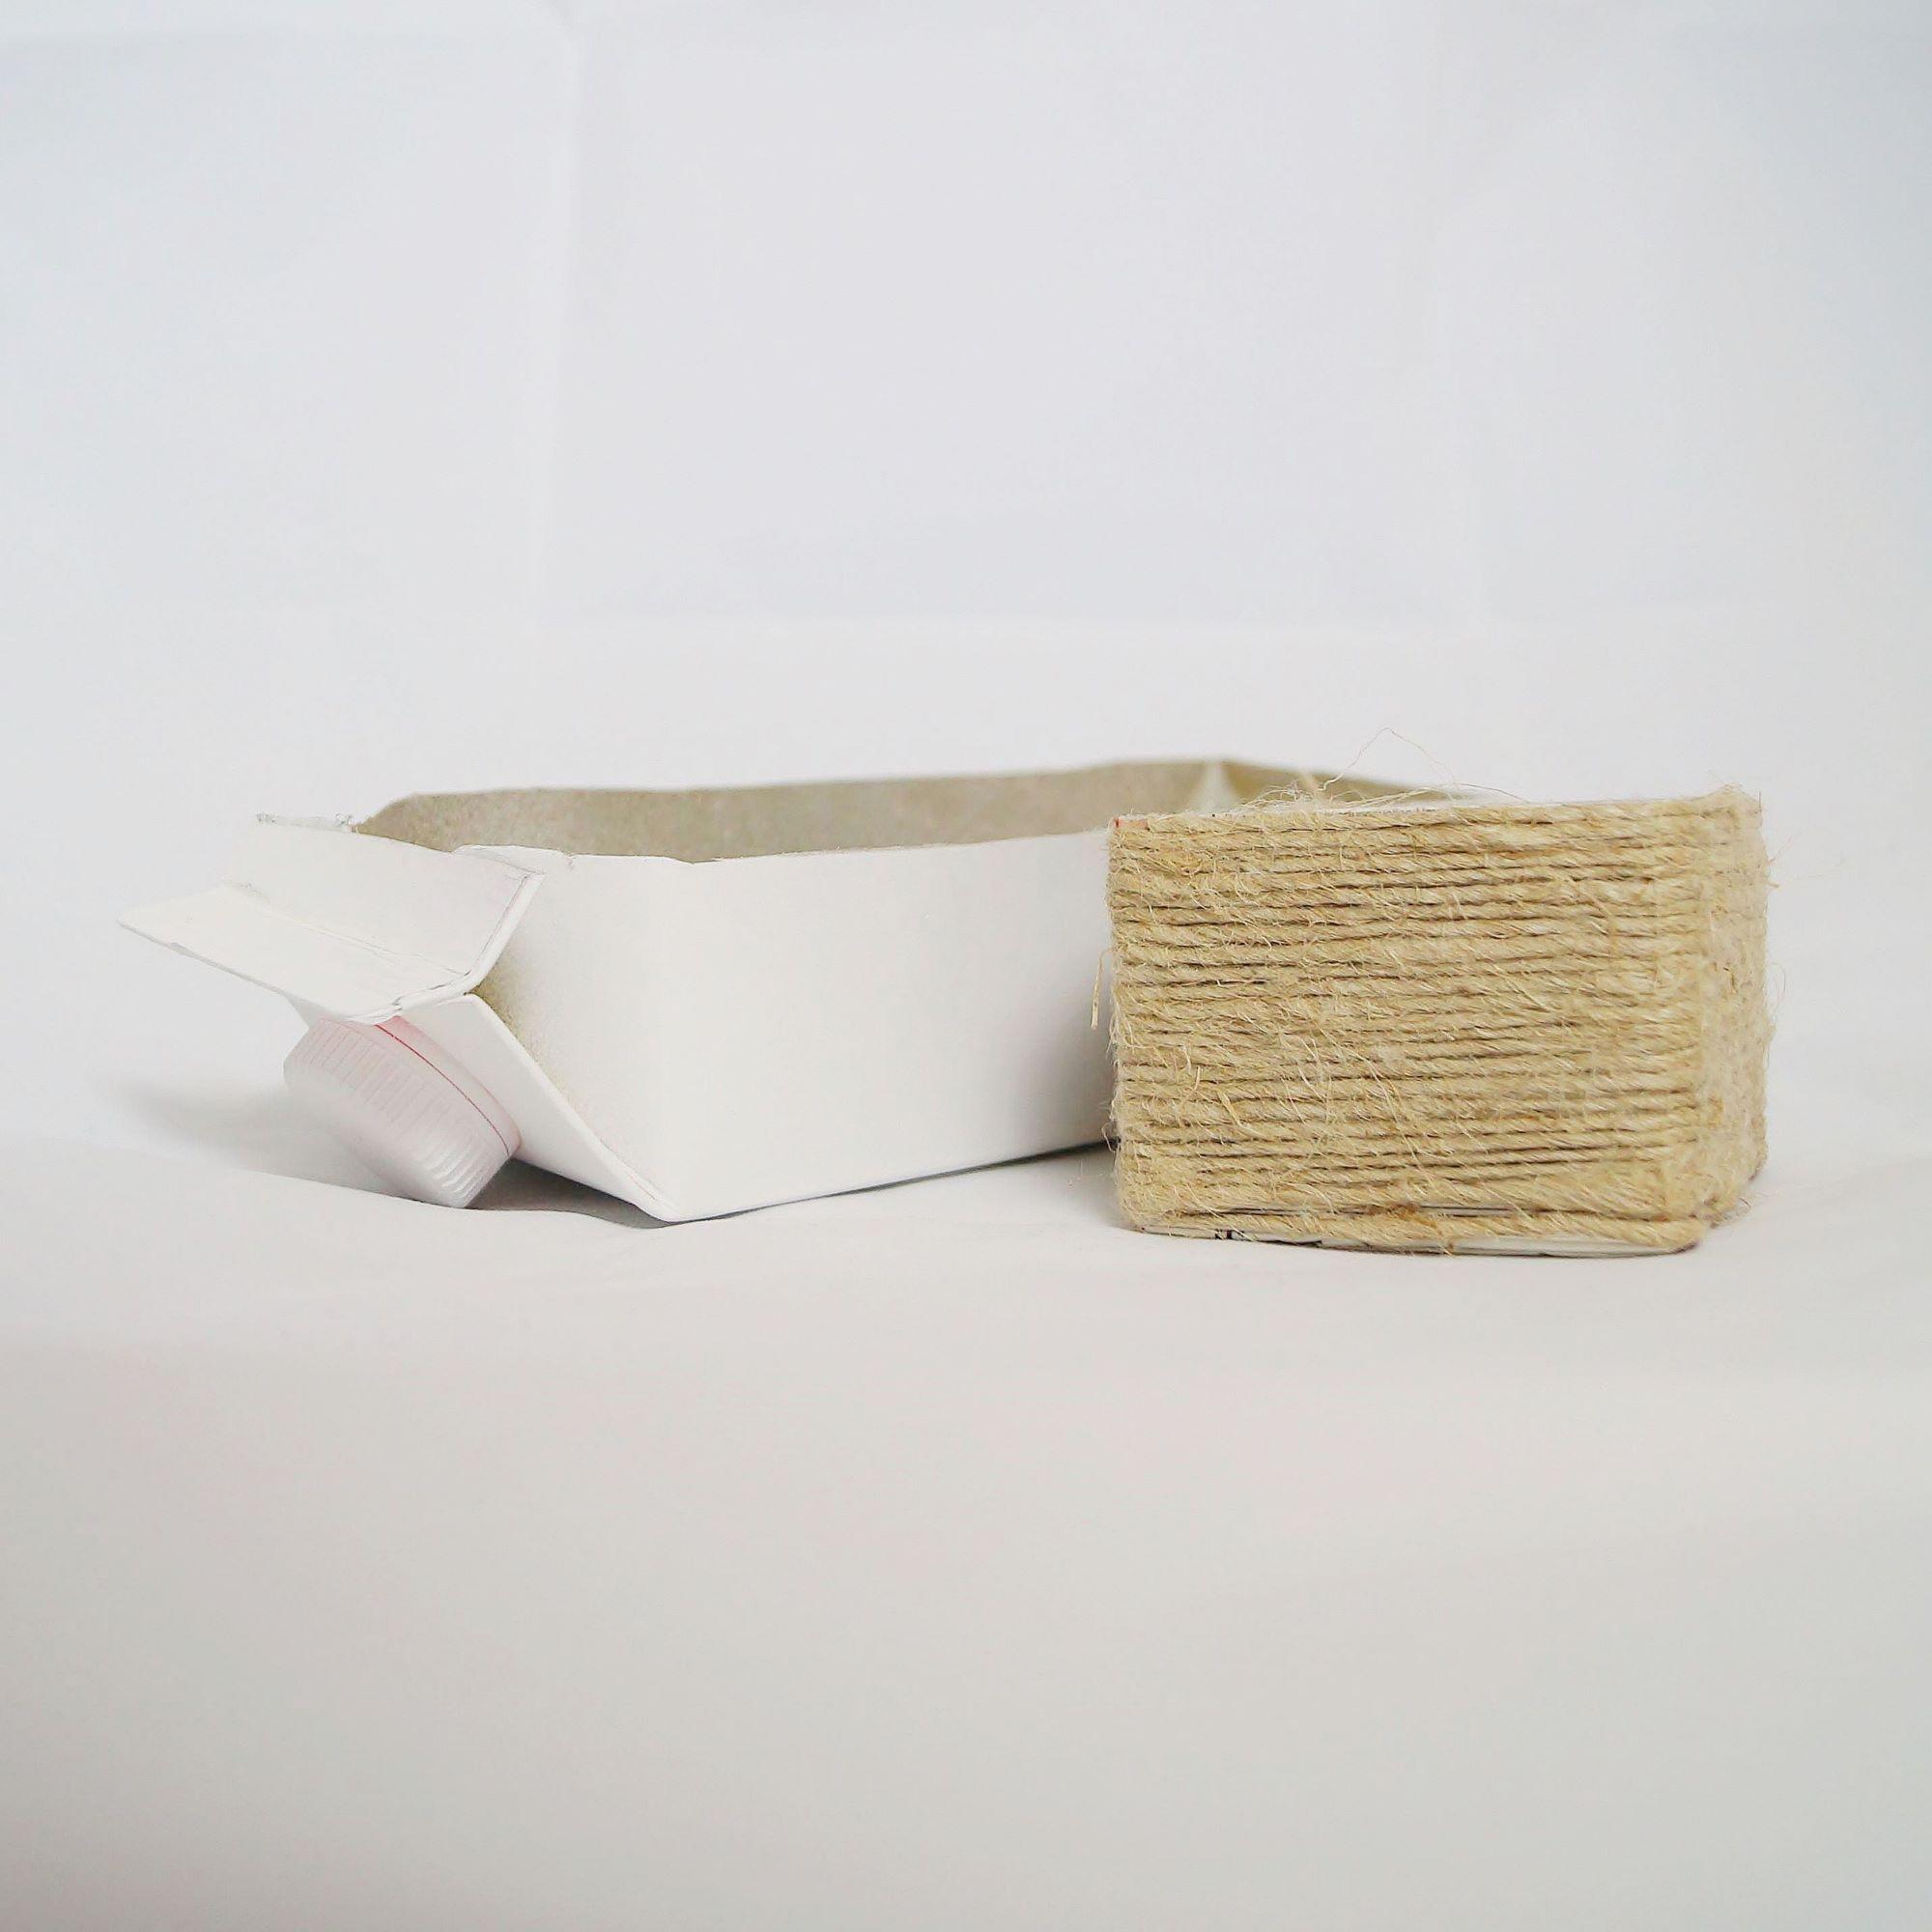 mini garten in der kuche, mini garten für die küche – tetrapack upcycling • kreativ blog - diy, Design ideen